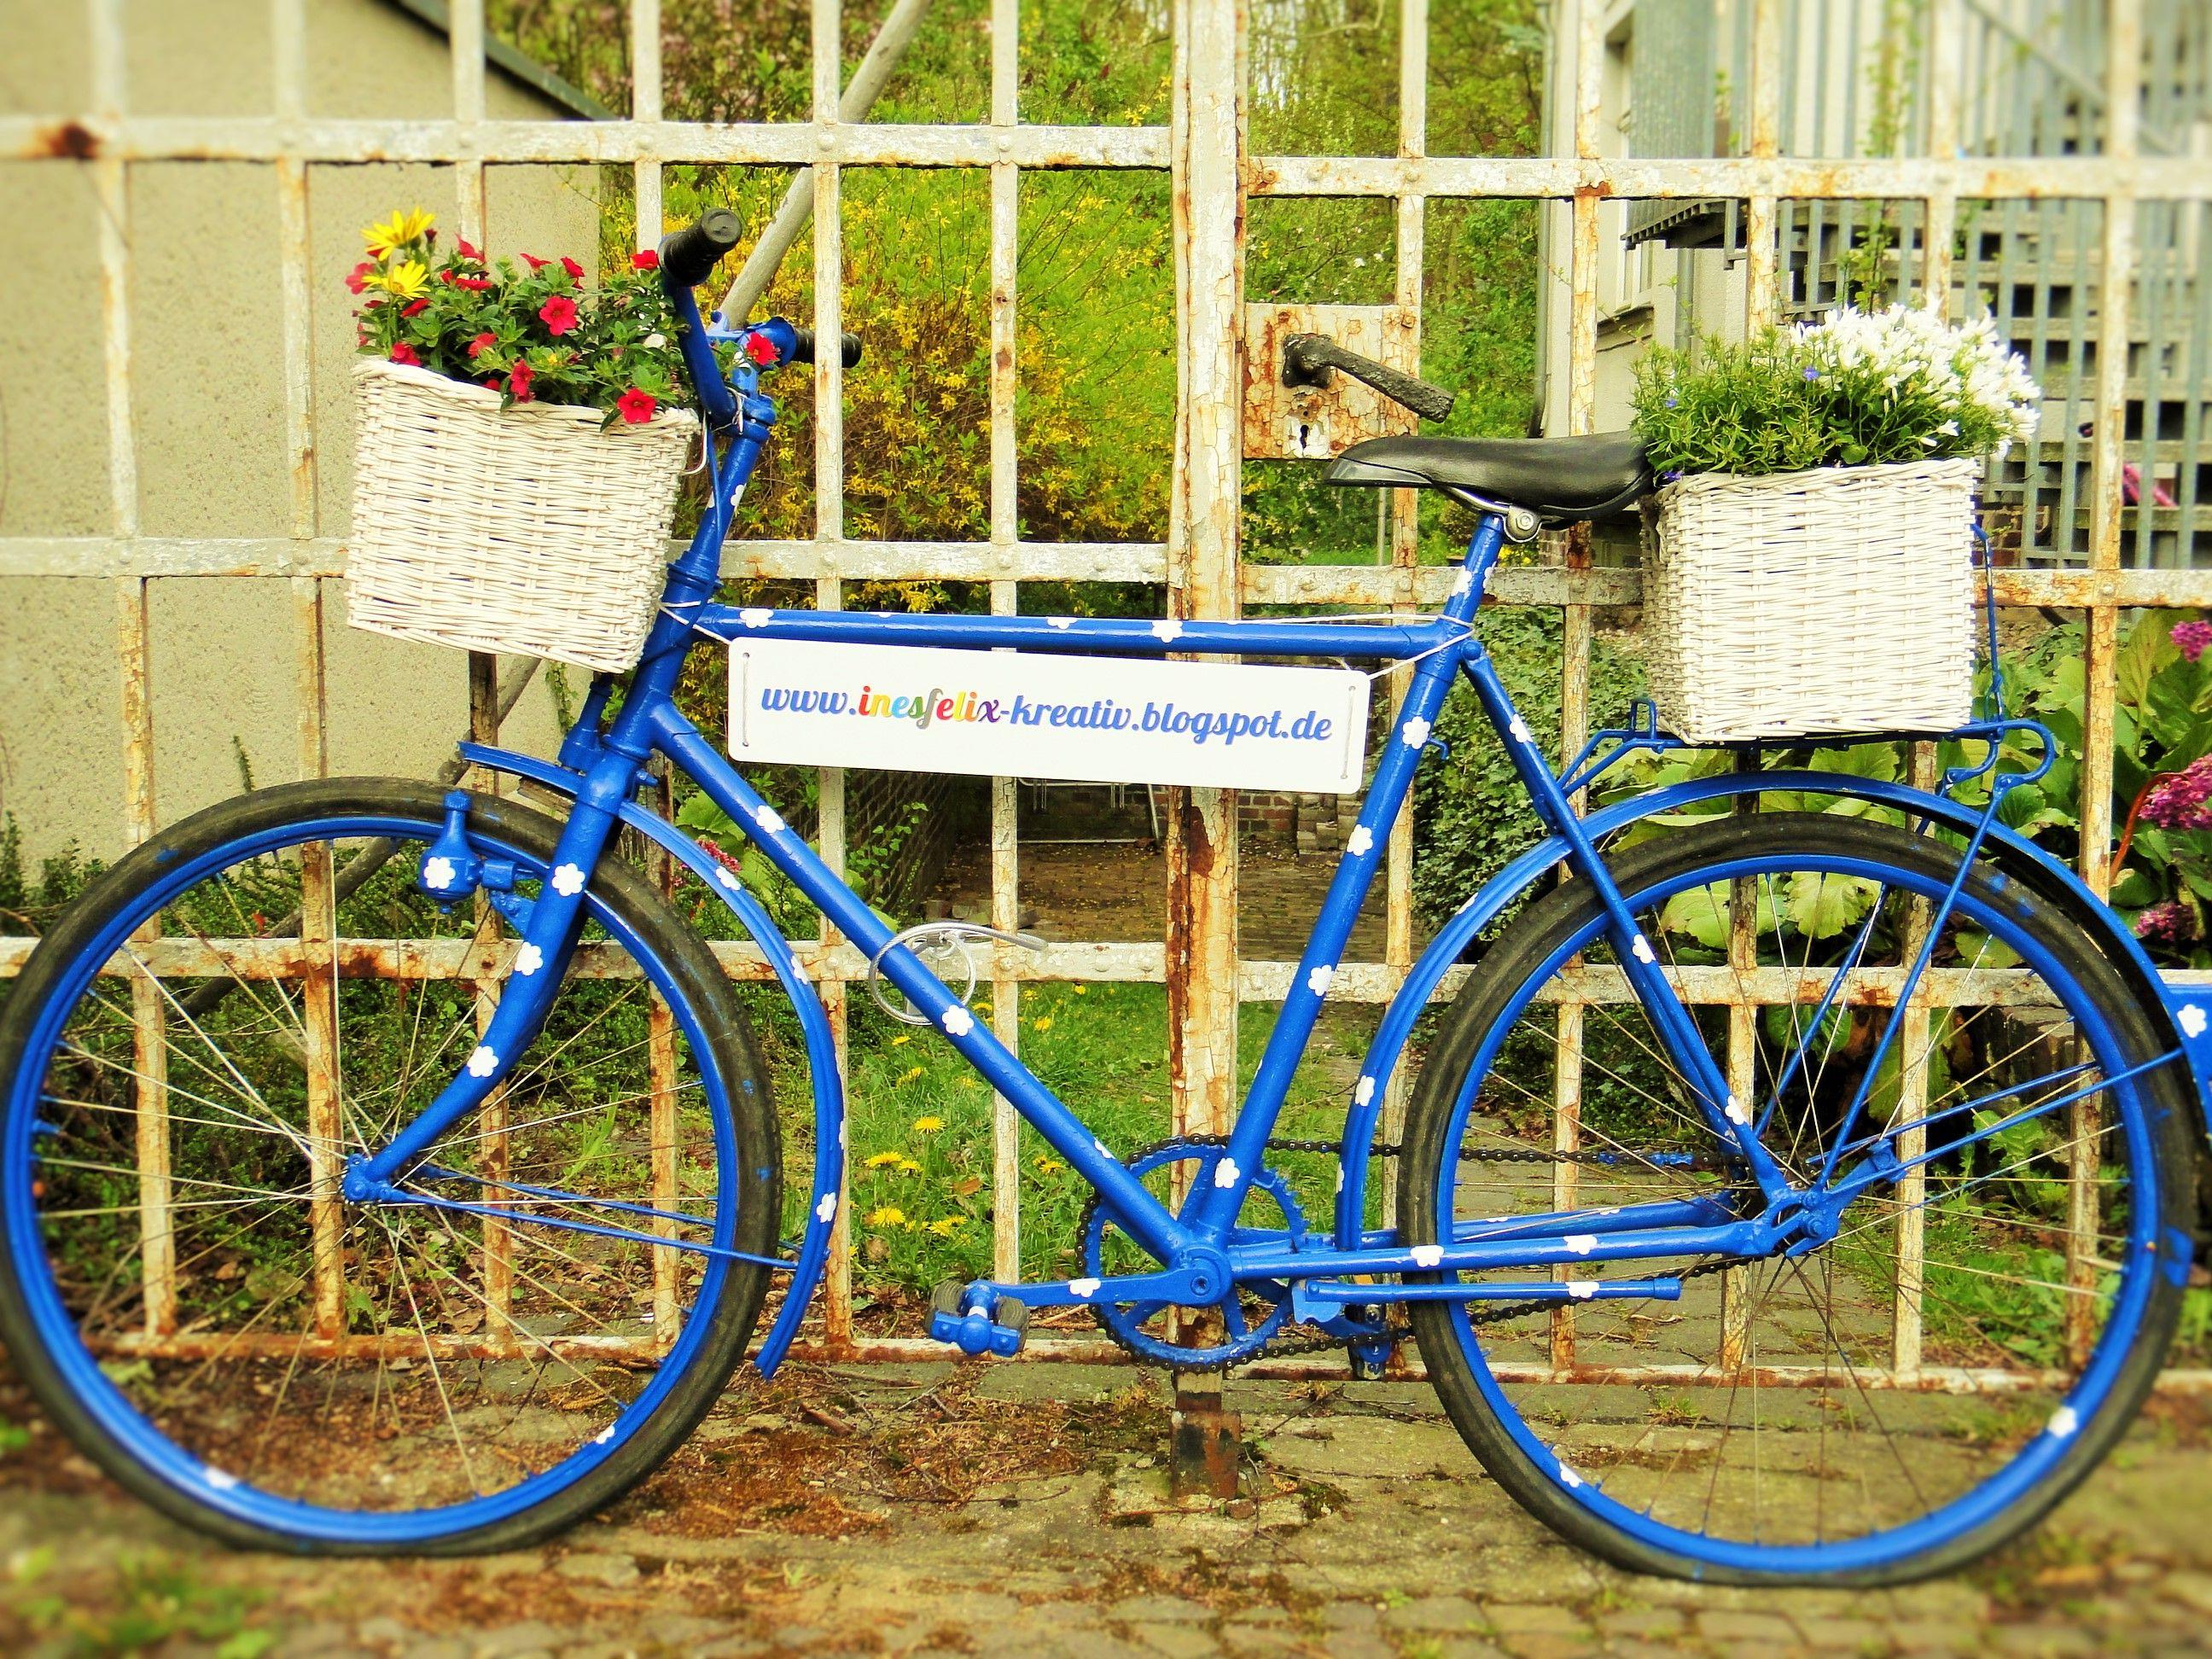 Fahrrad dekoration fahrrad recycling inesfelix fahrrad diy by ines felix - Dekoration fahrrad ...